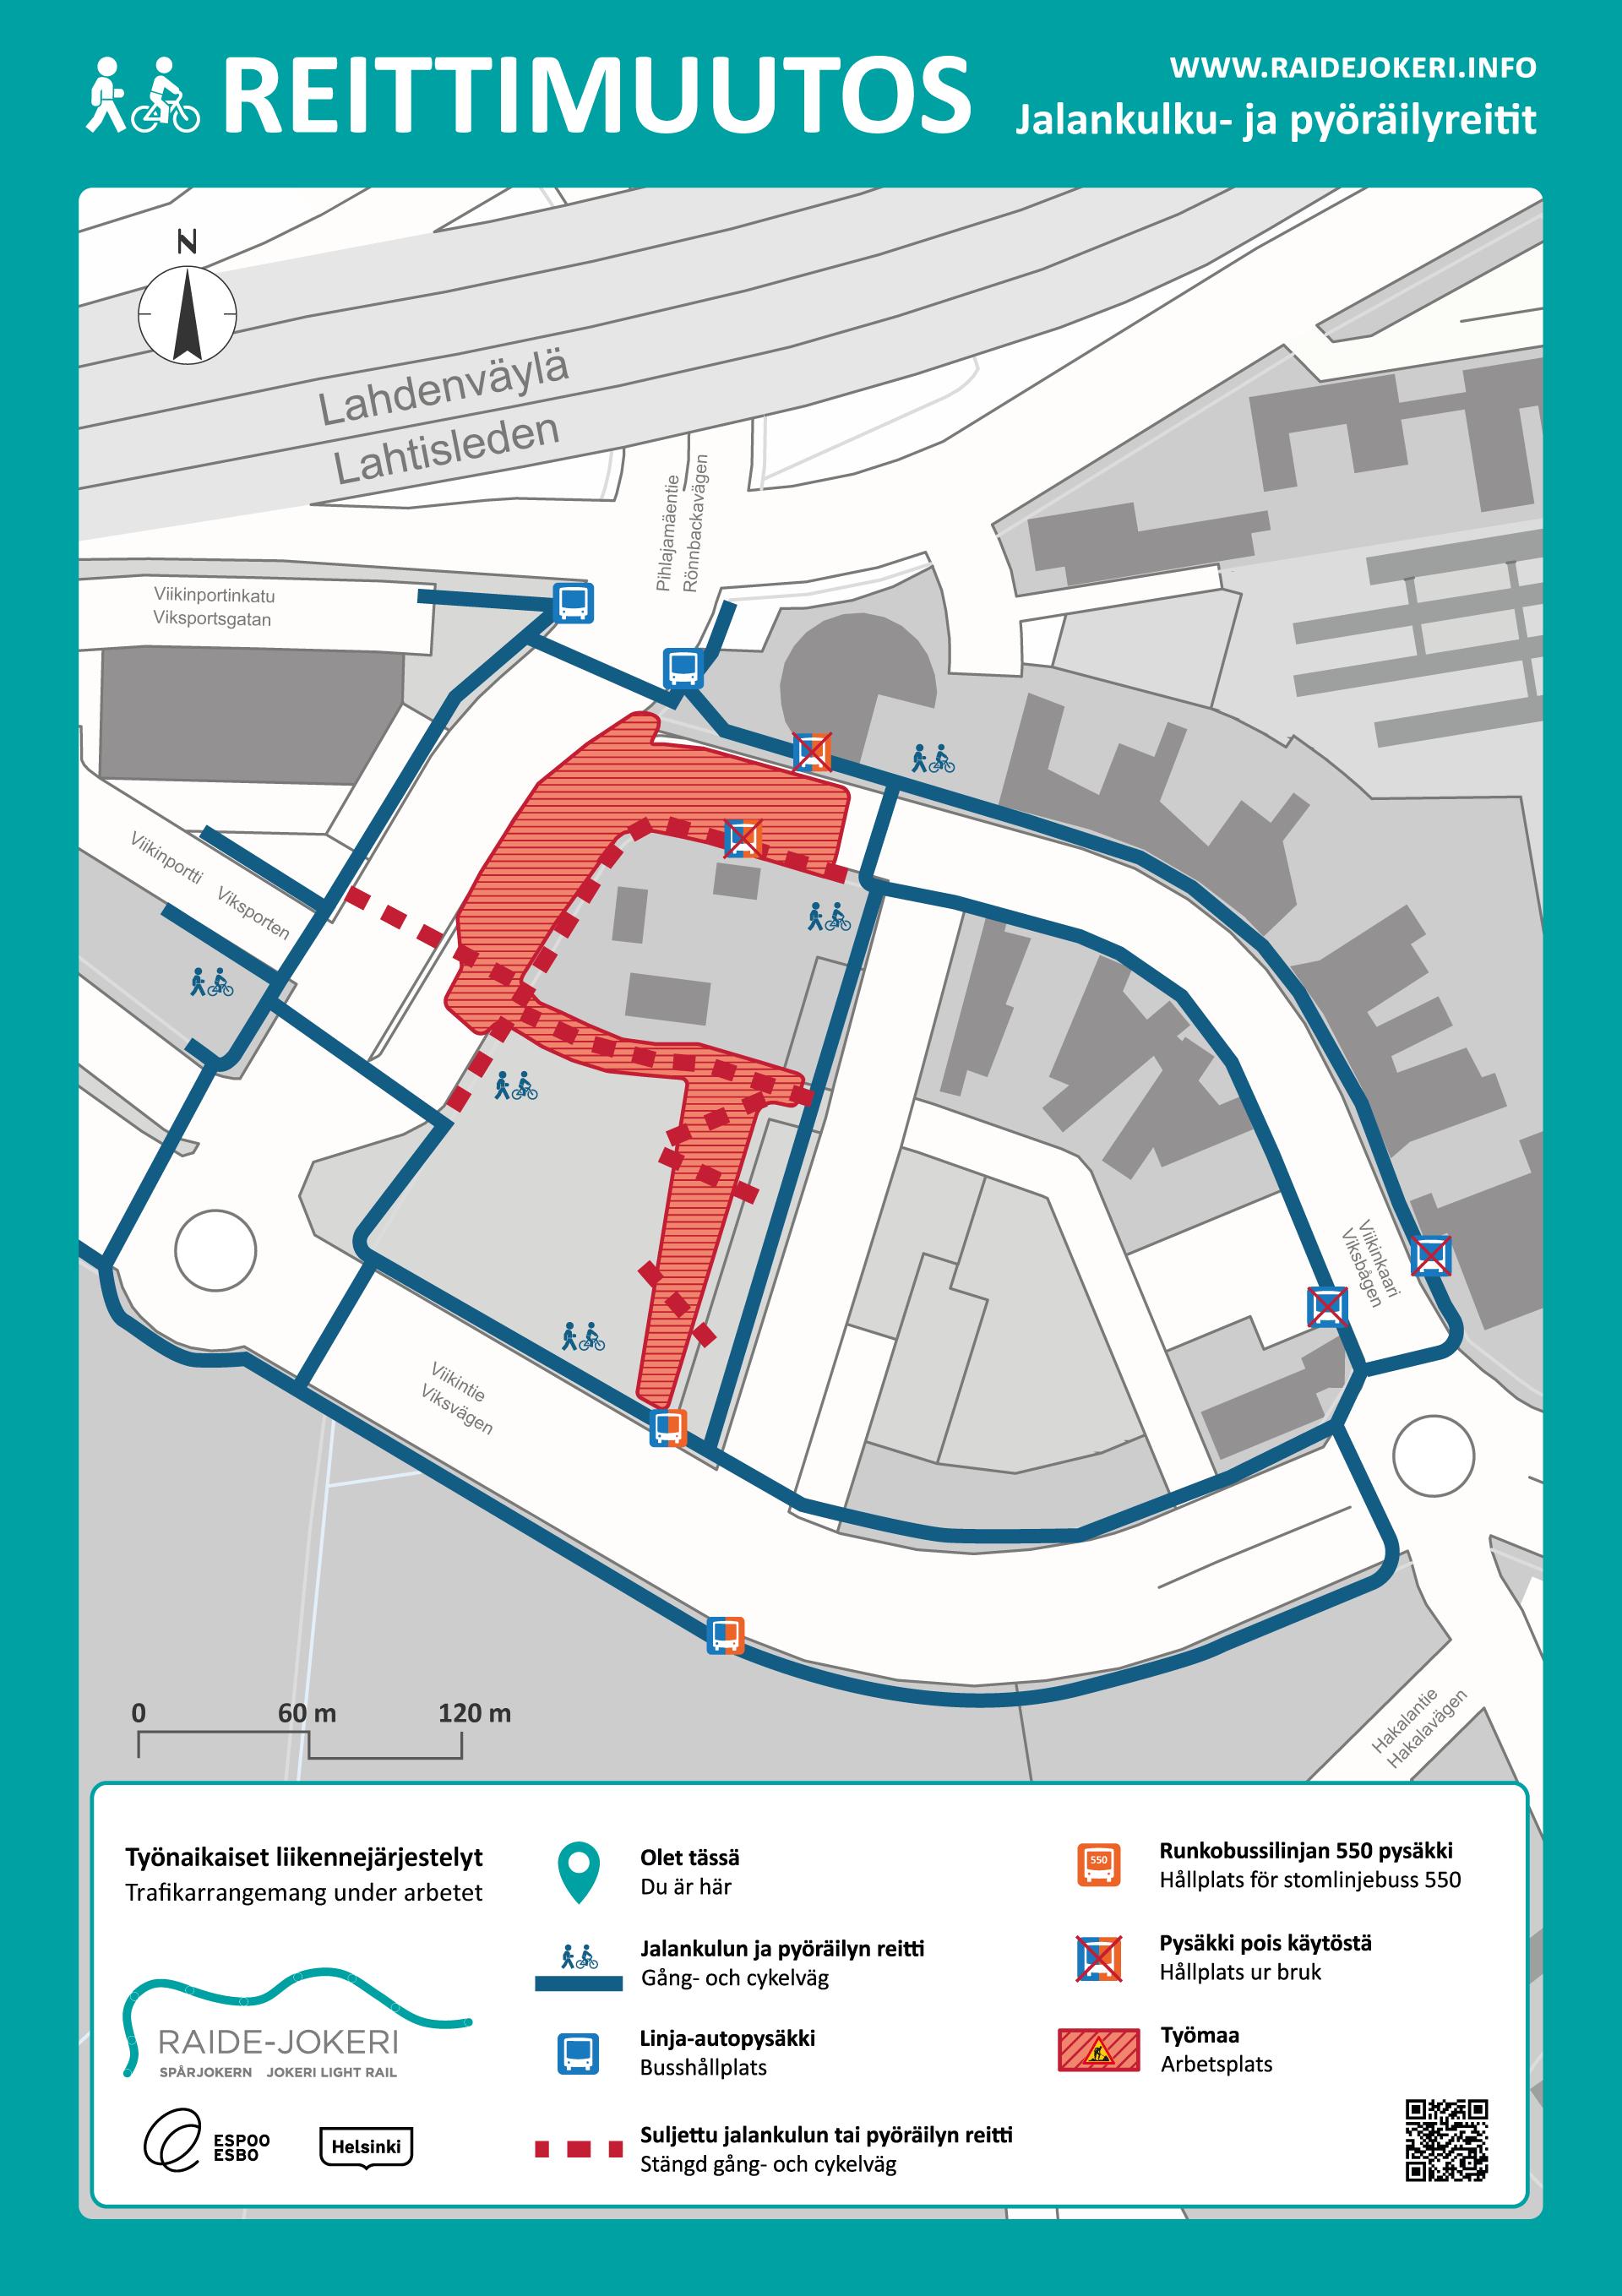 Reittimuutokset Viikinkaaren alueella karttakuvassa.